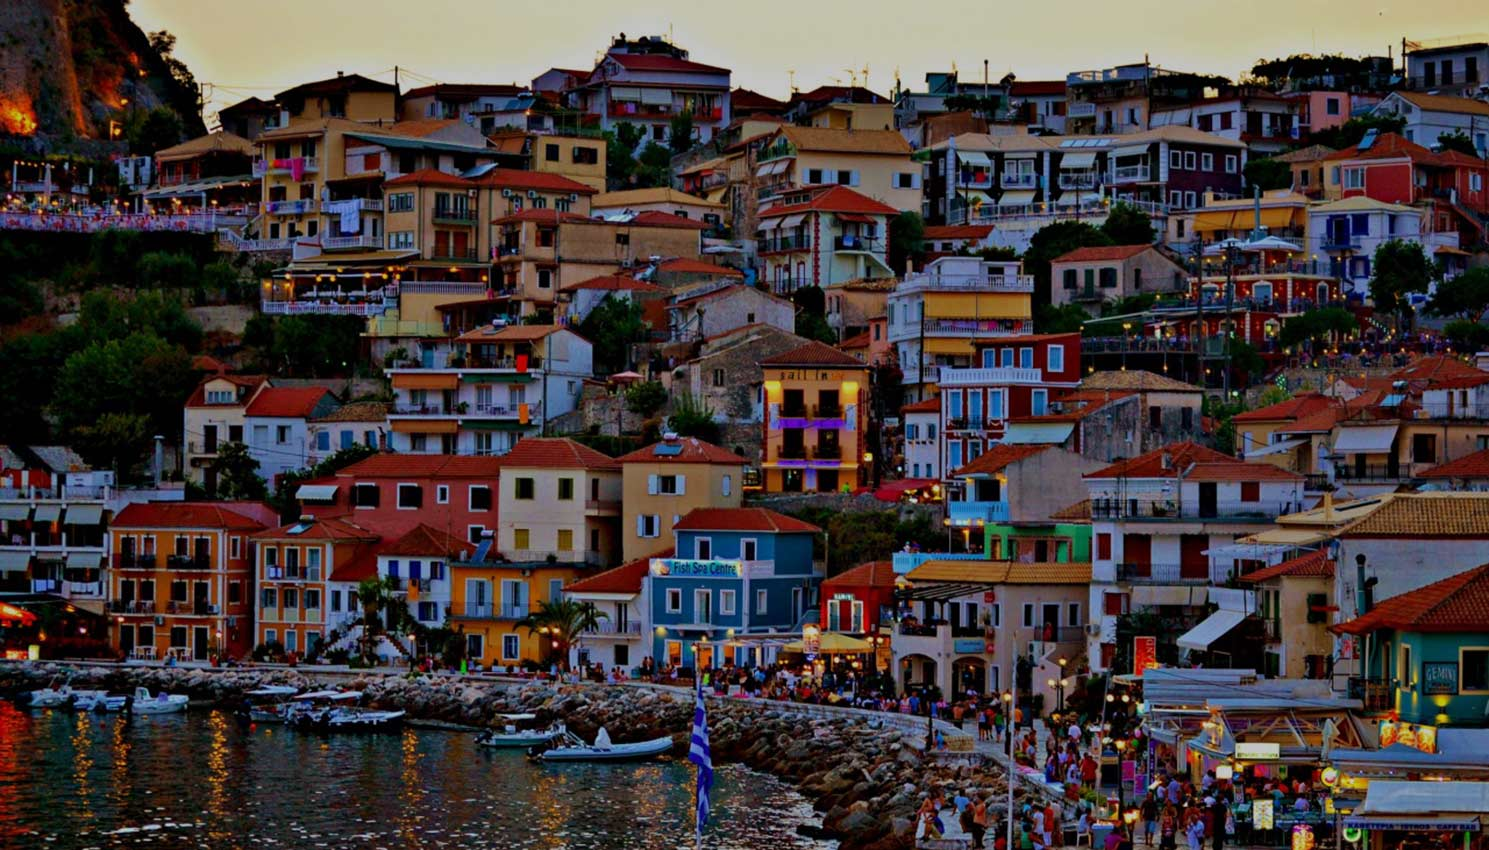 grecia - photo #35